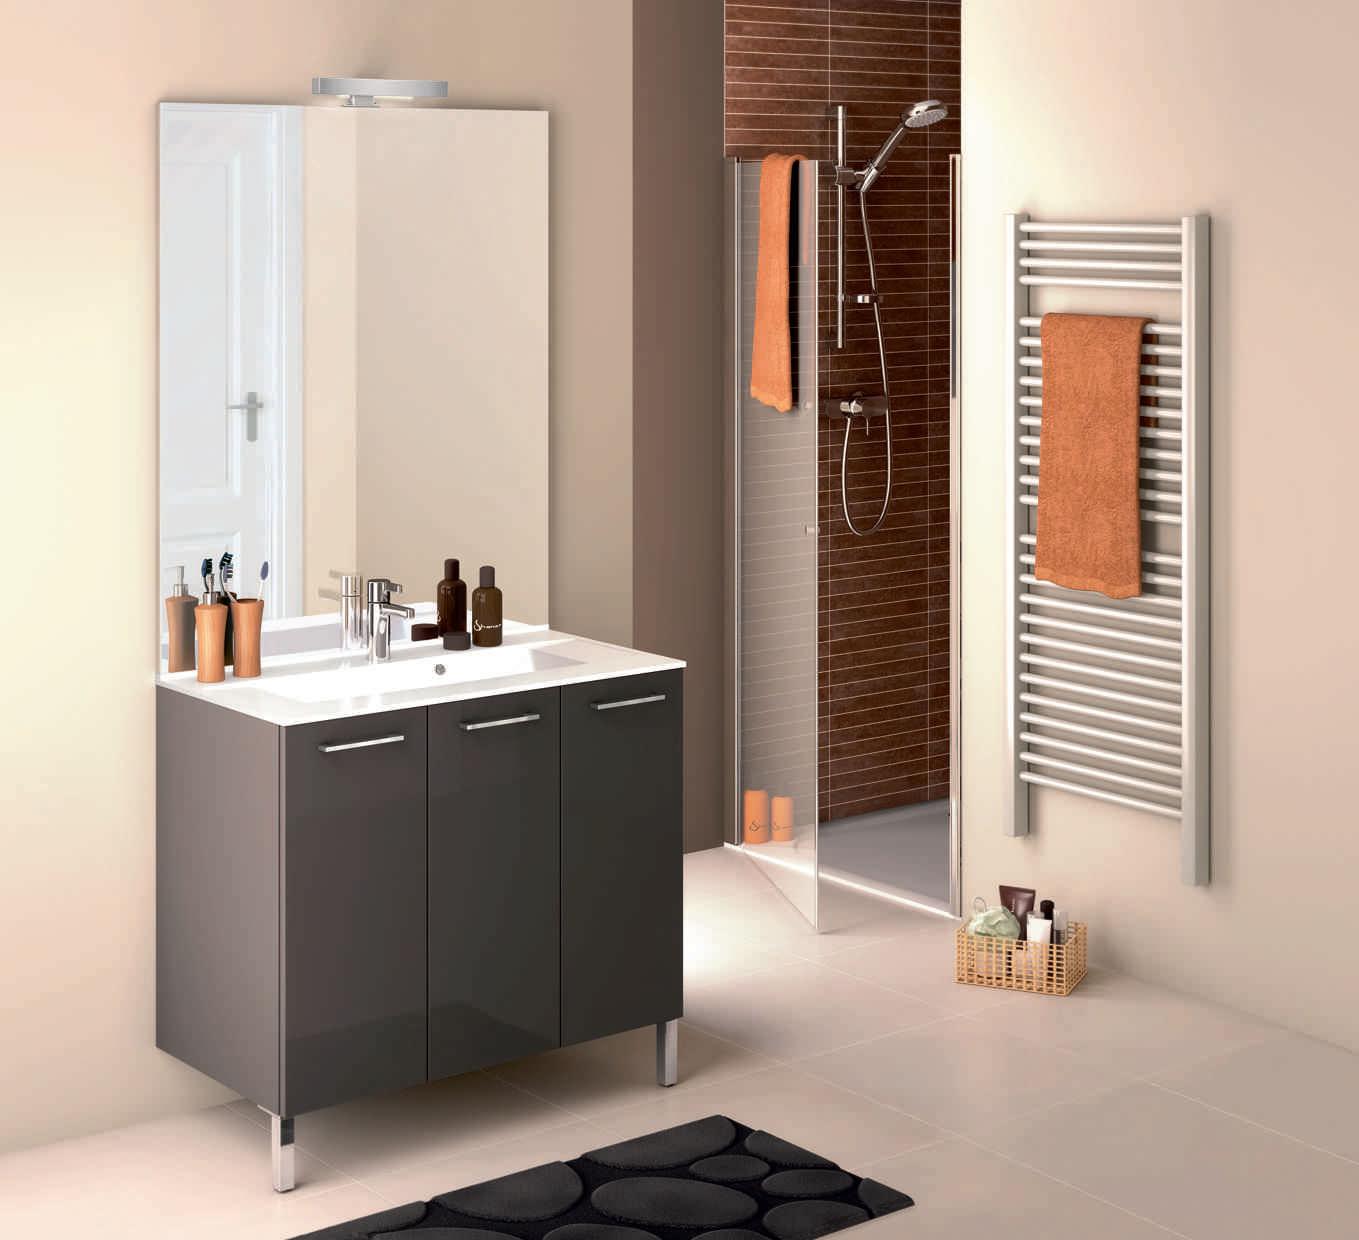 Meuble lavabo miroir salle de bain